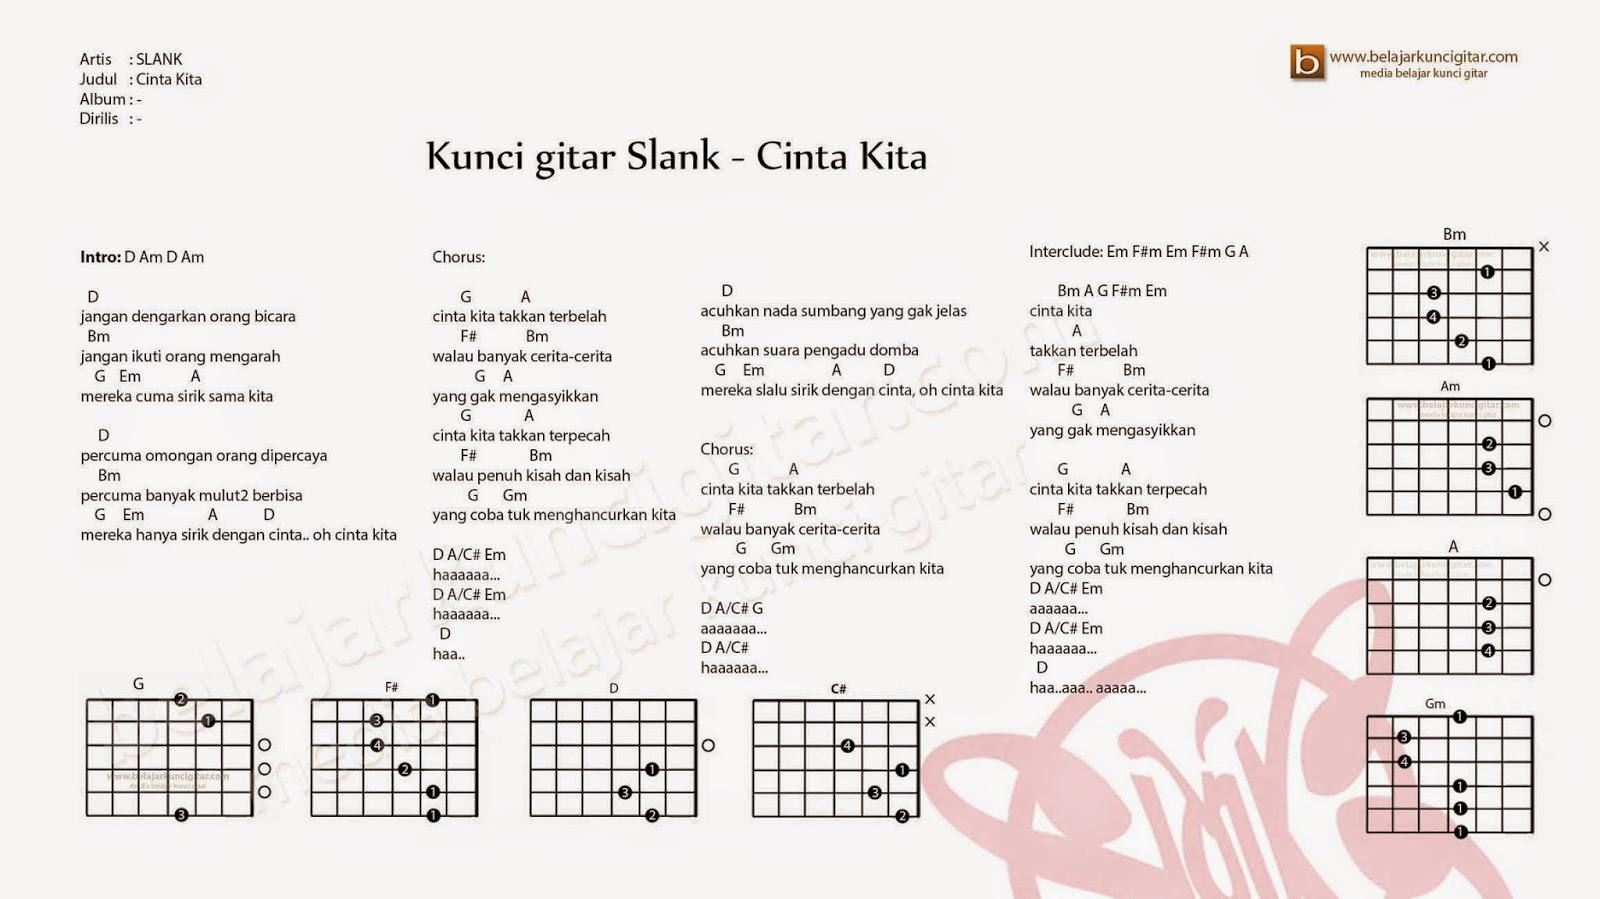 Kunci Gitar Slank Cinta Kita Belajar Chord Kunci Gitar Peterpan Semua Tentang Kita Kunci Gitar Slank Cinta Kita Belajar Kunci Gitar